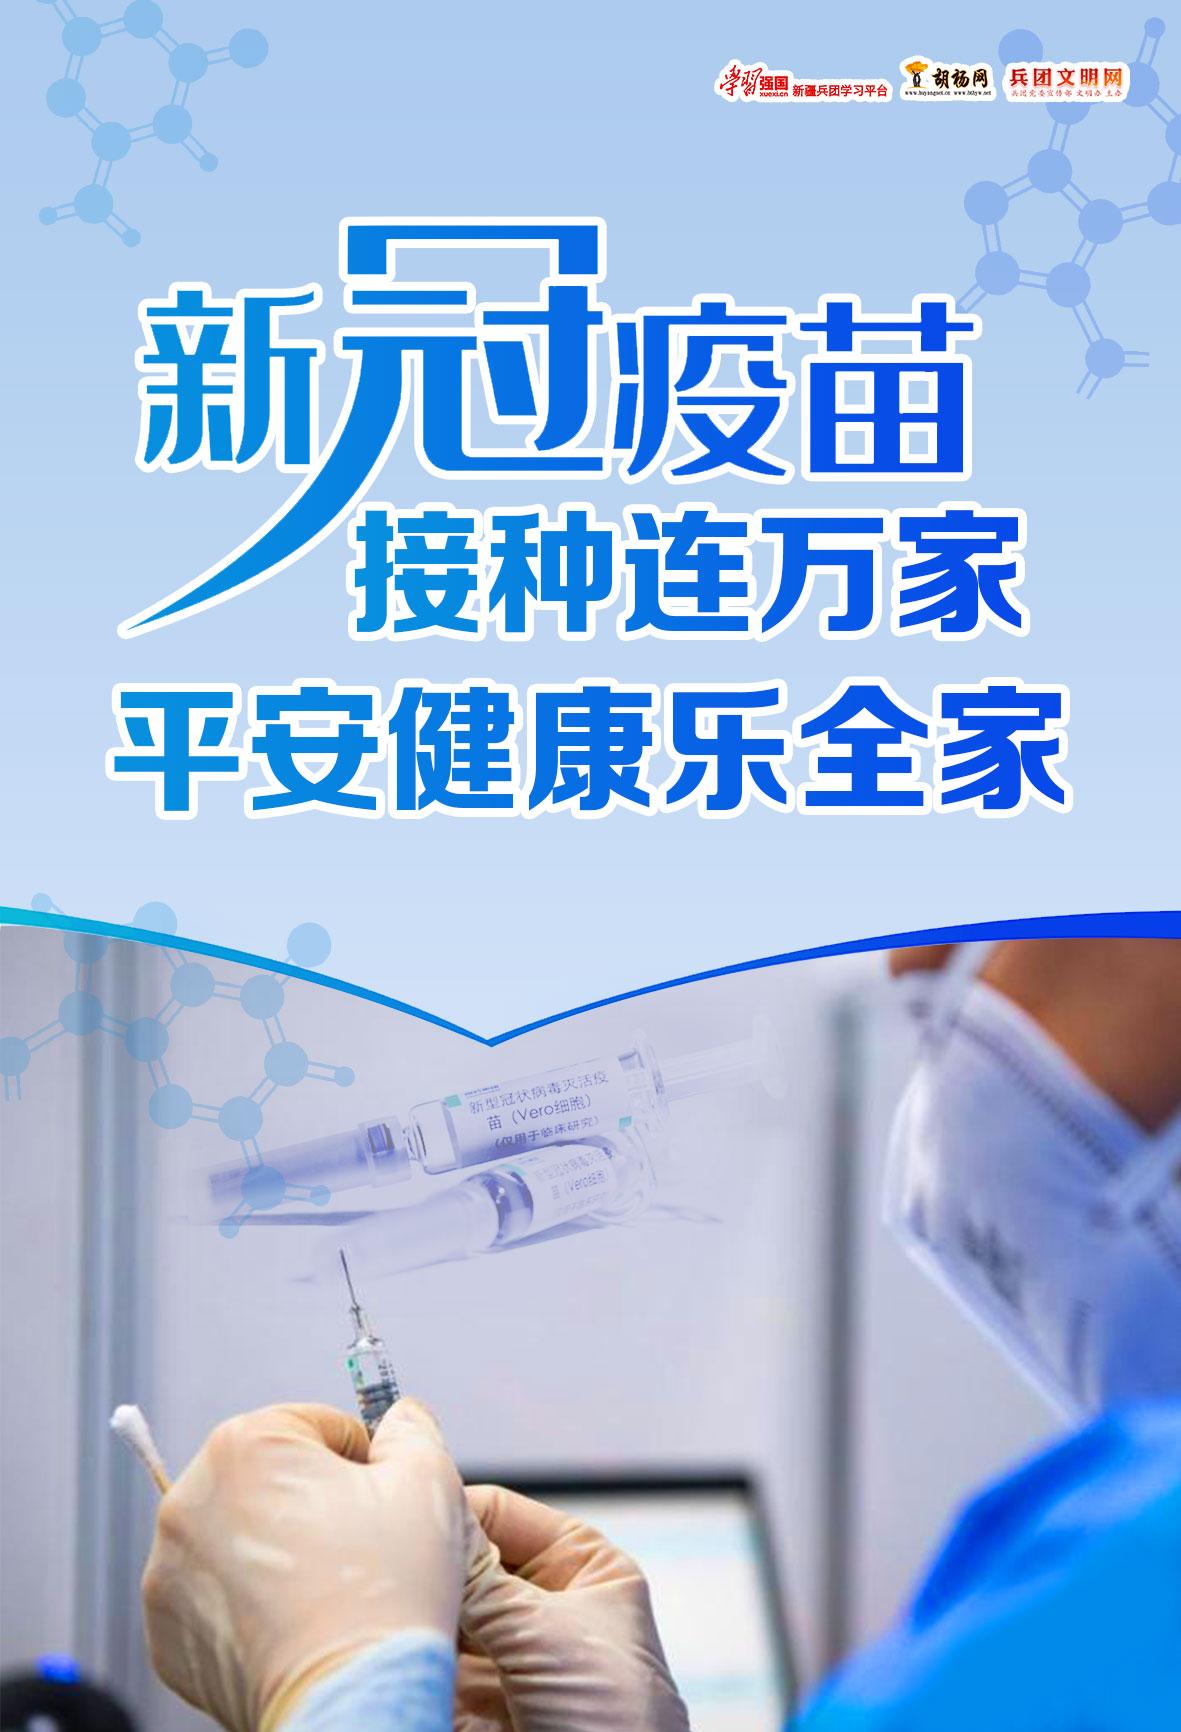 胡杨原创 新冠疫苗接种健康千万家